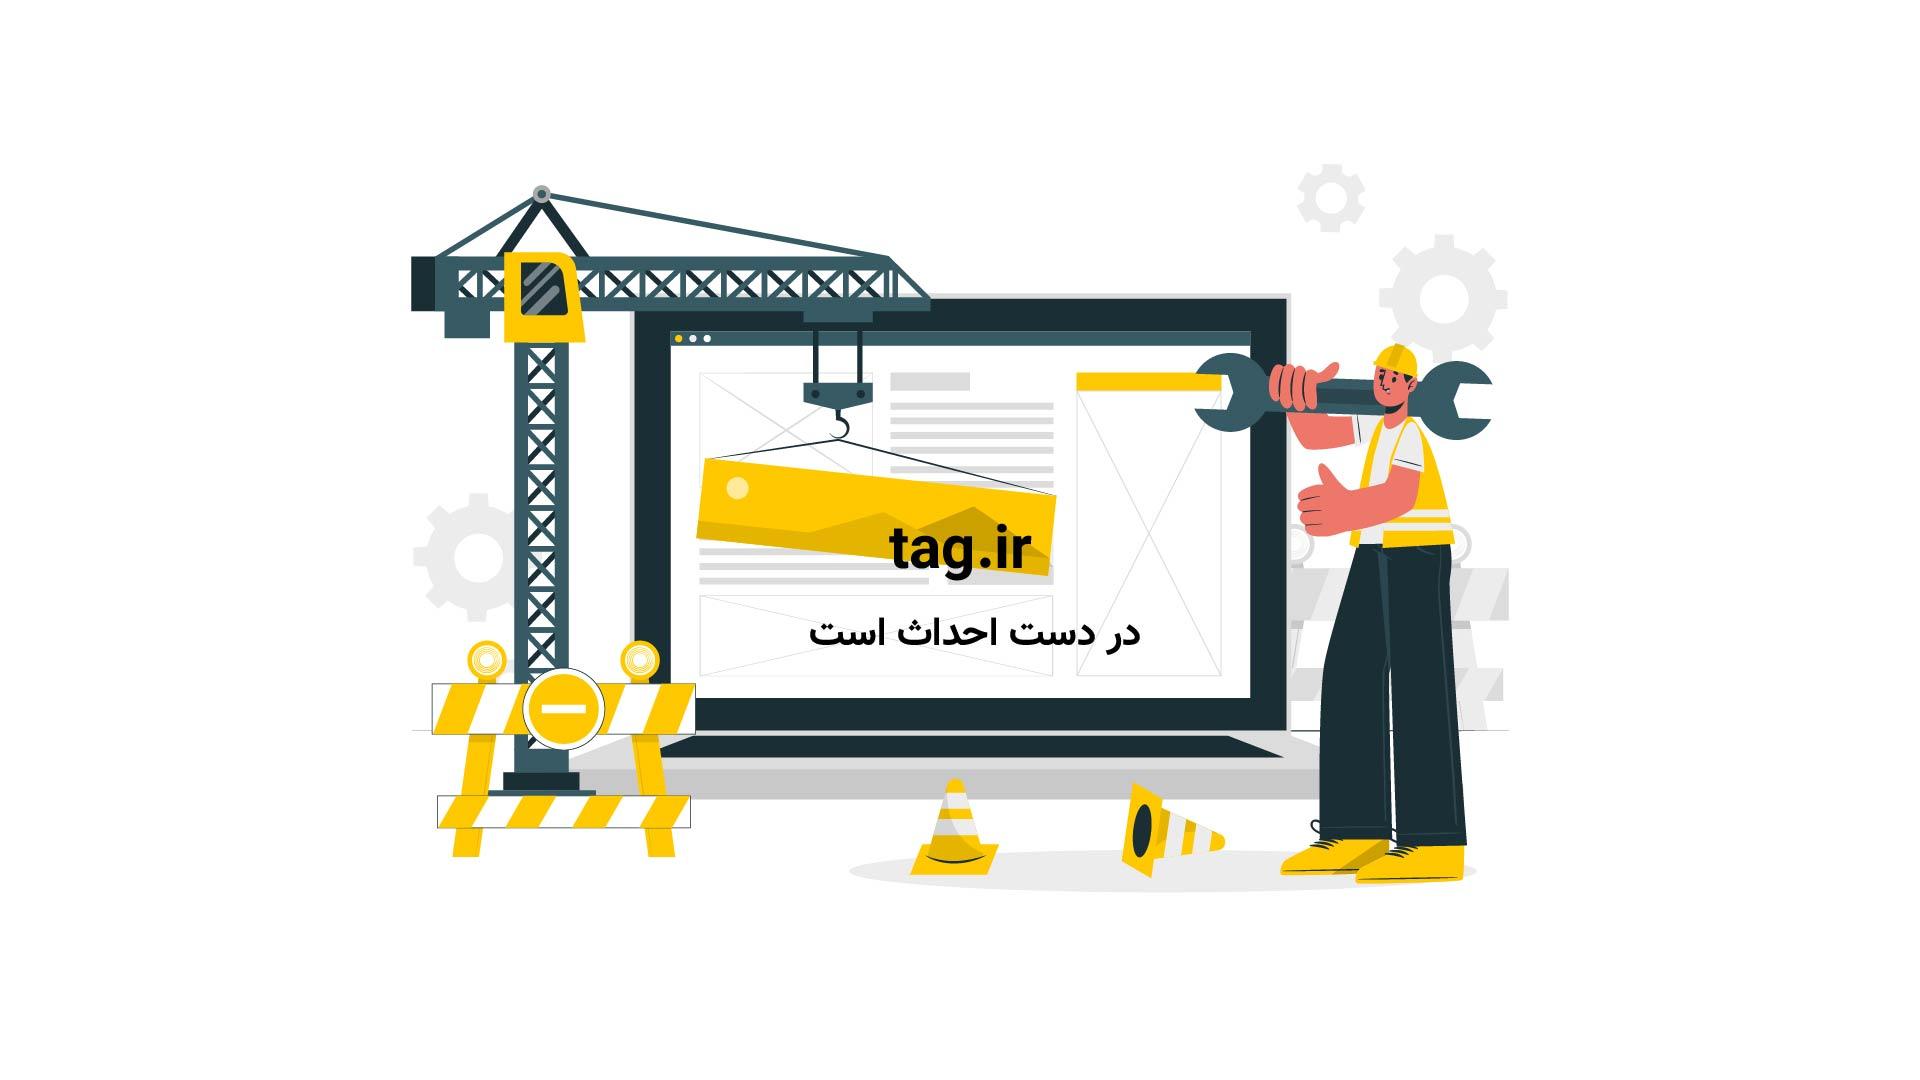 فضا و فضانوردی | تگ